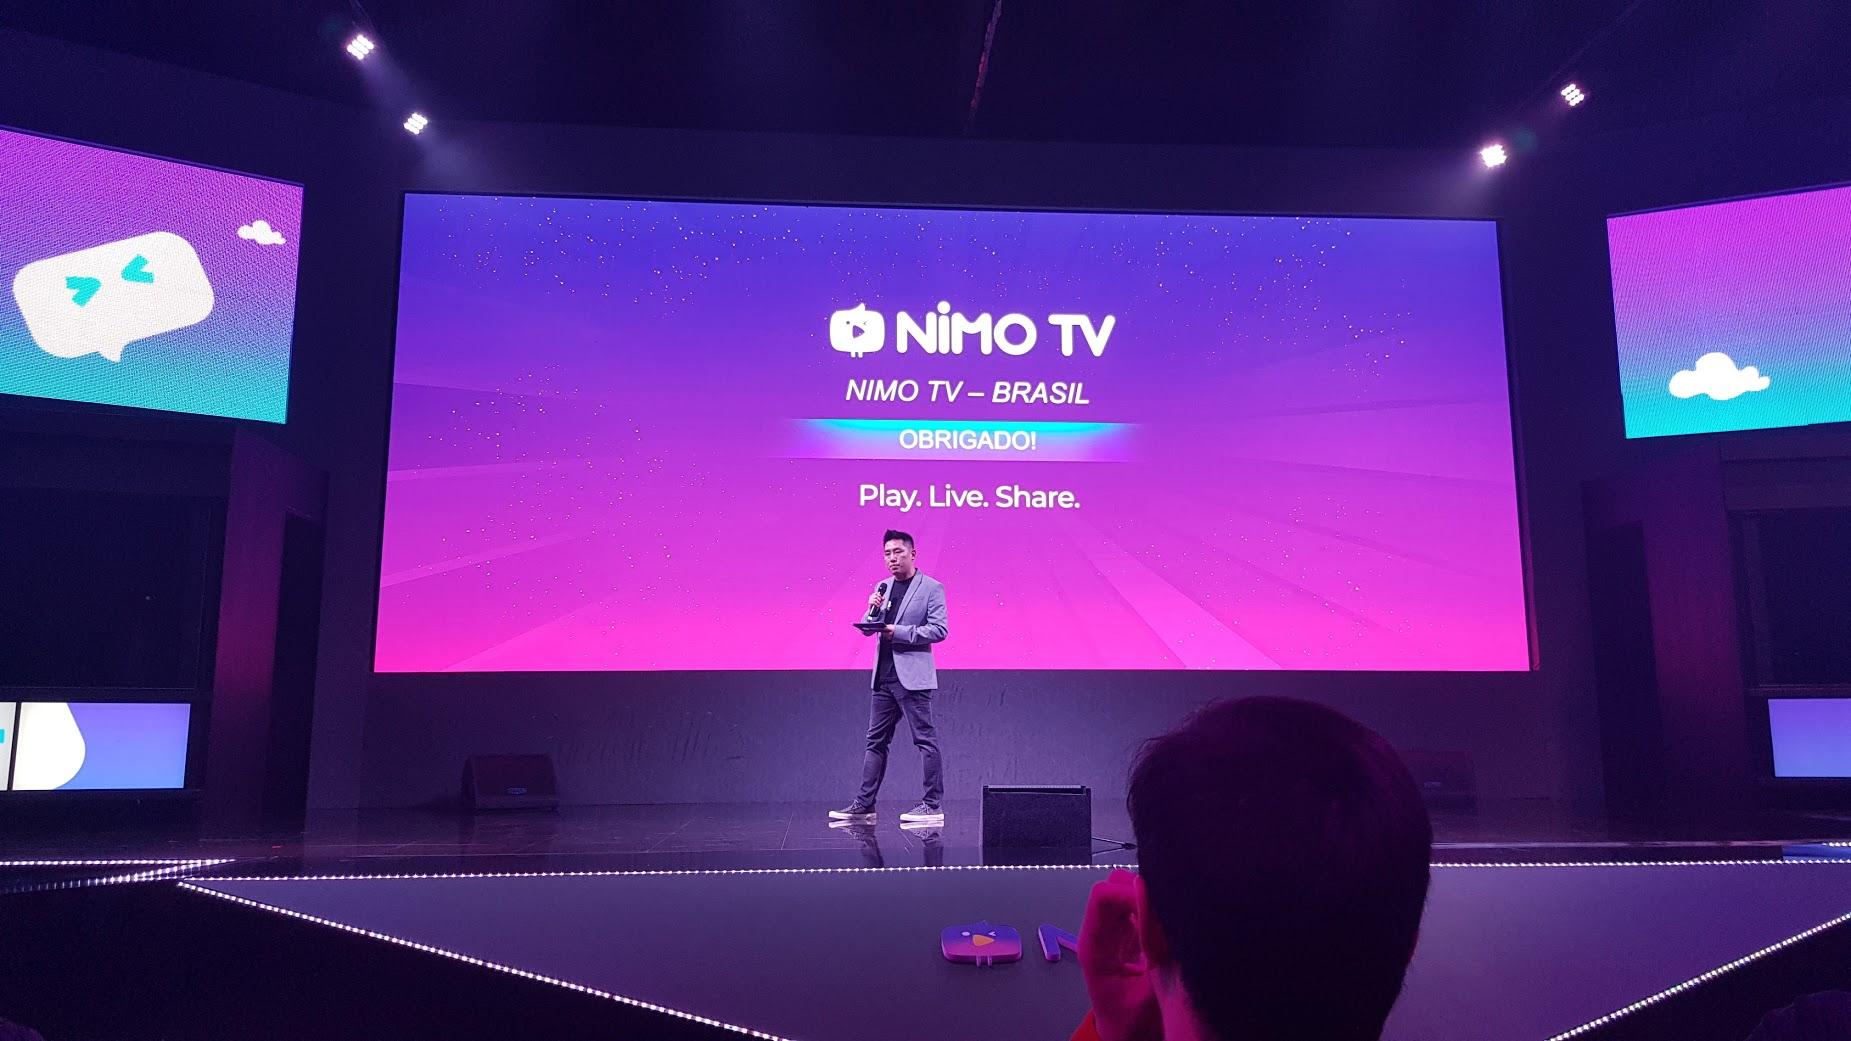 Focada em conteúdo mobile 'Nimo TV' chega oficialmente ao Brasil